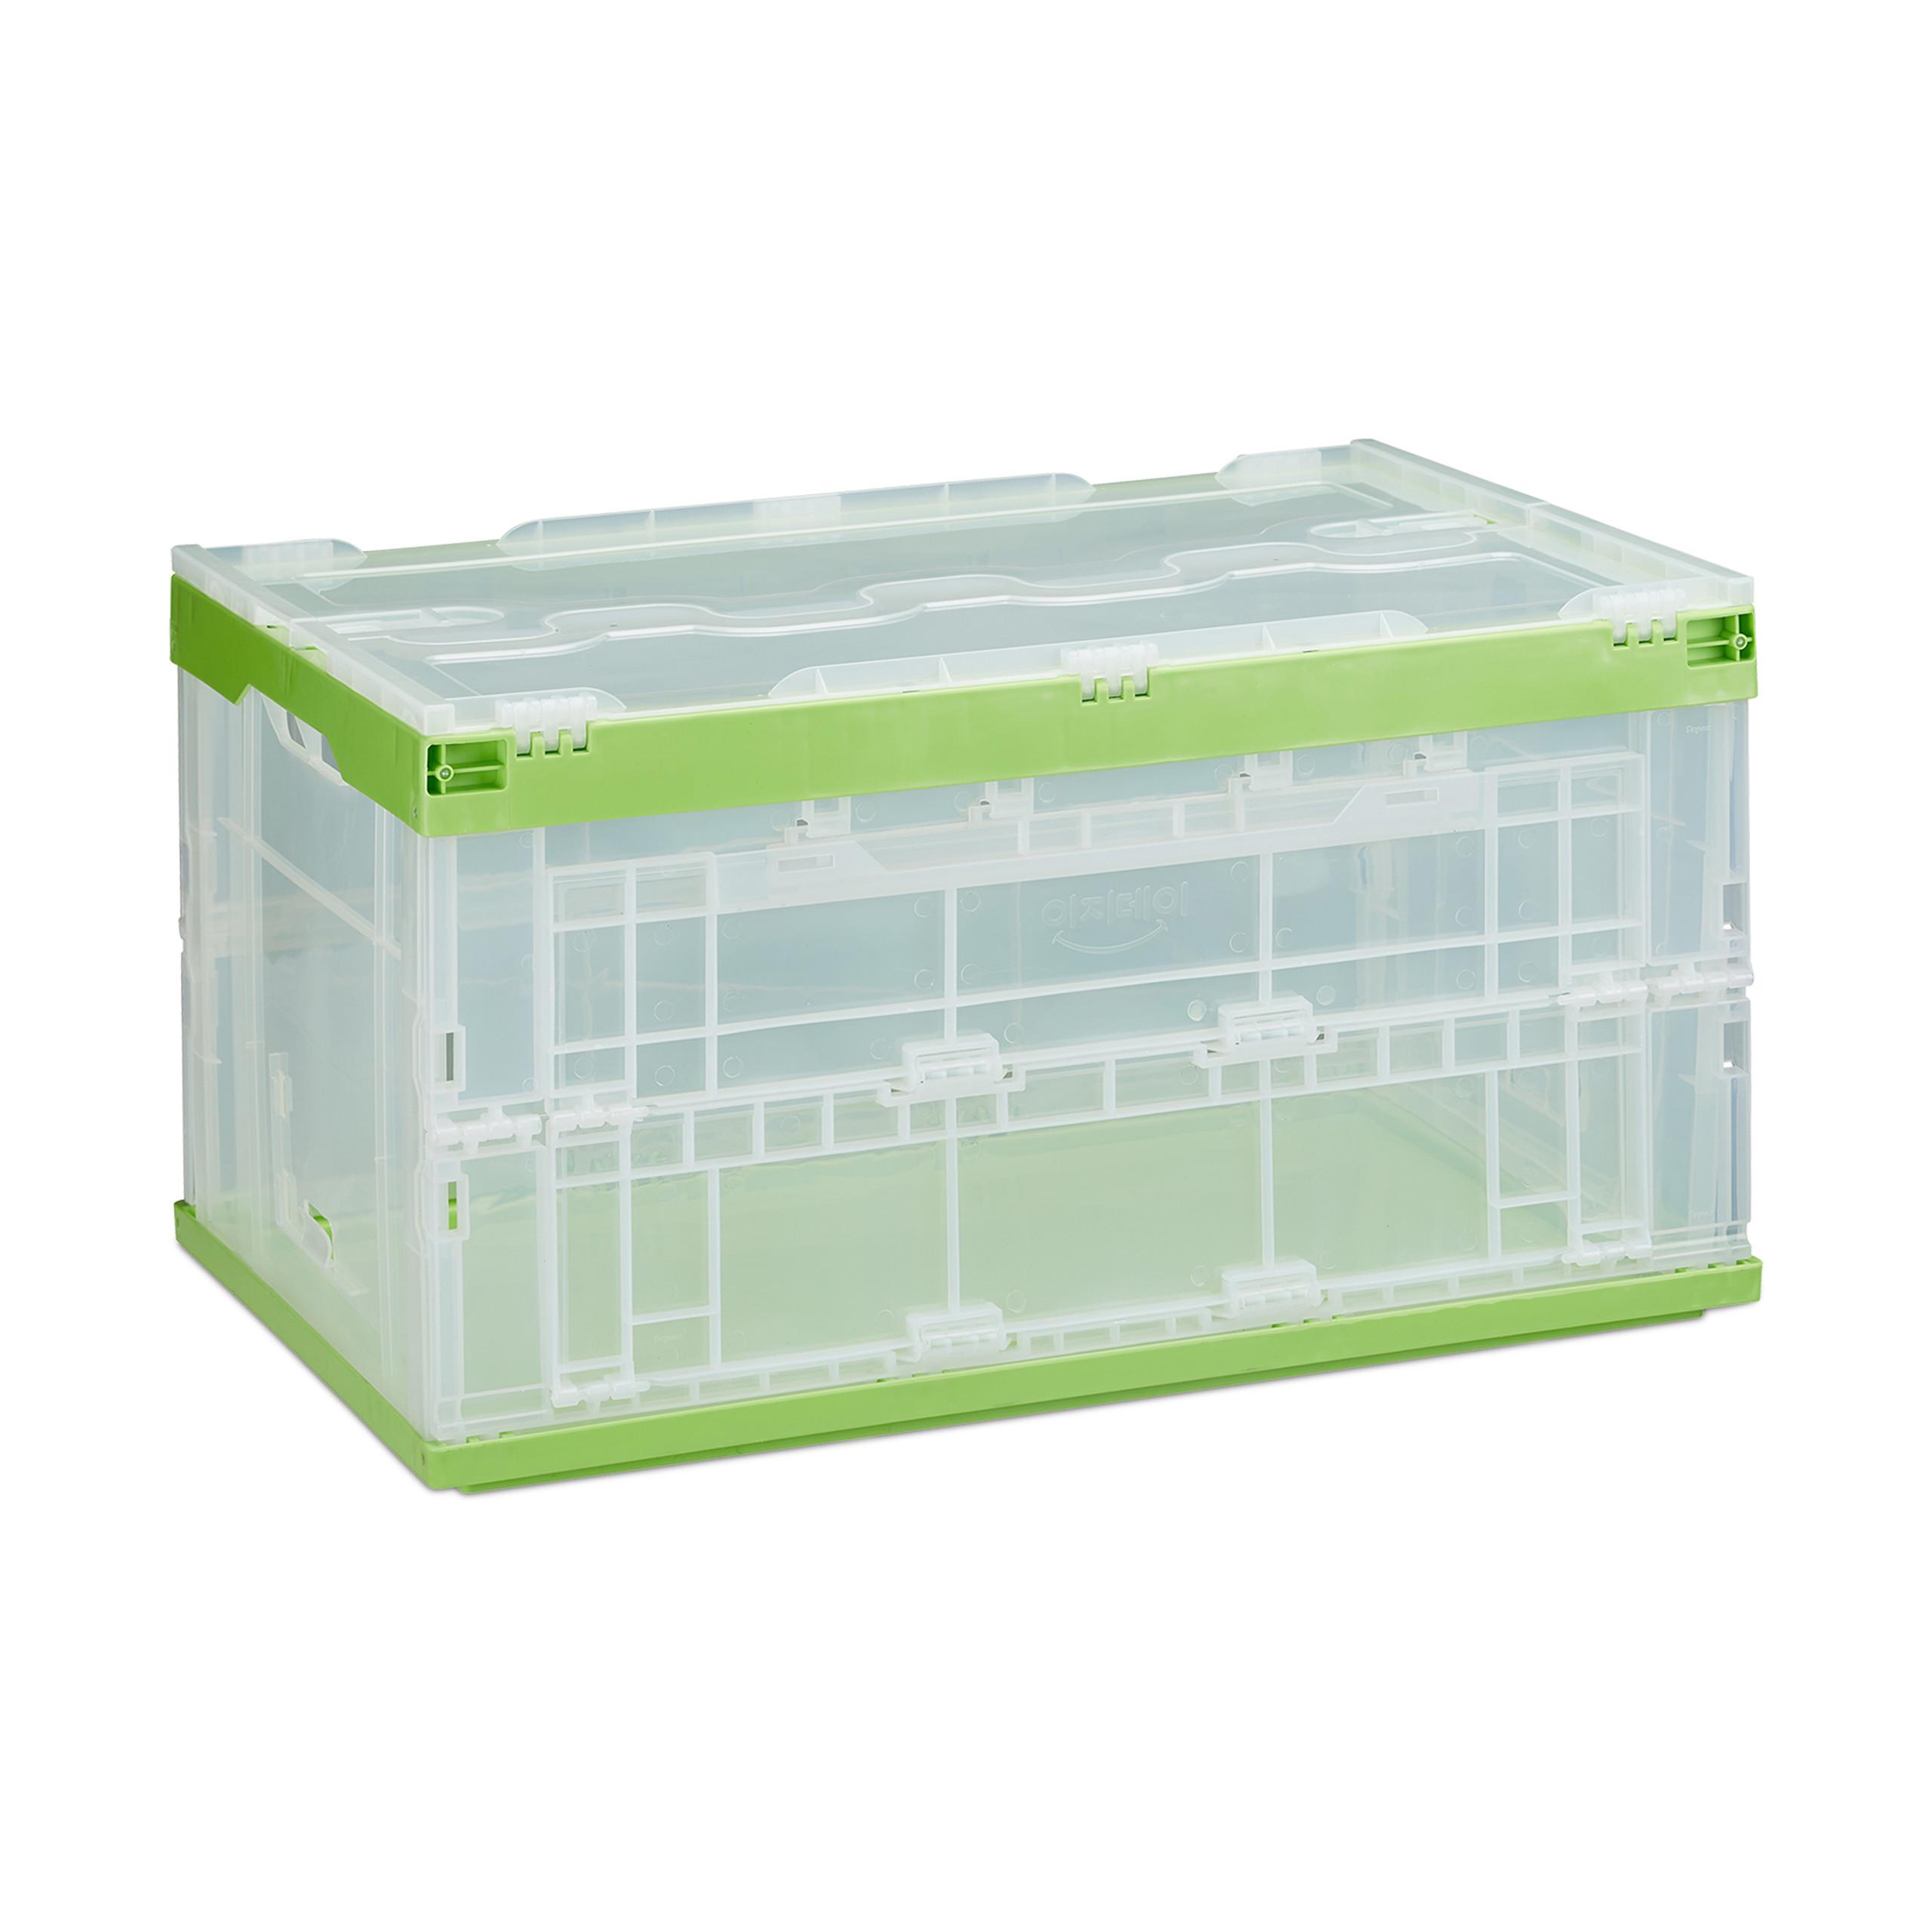 2 x Transportbox grün Stapelbox Aufbewahrungsbox 60l Klappbox geschlossen